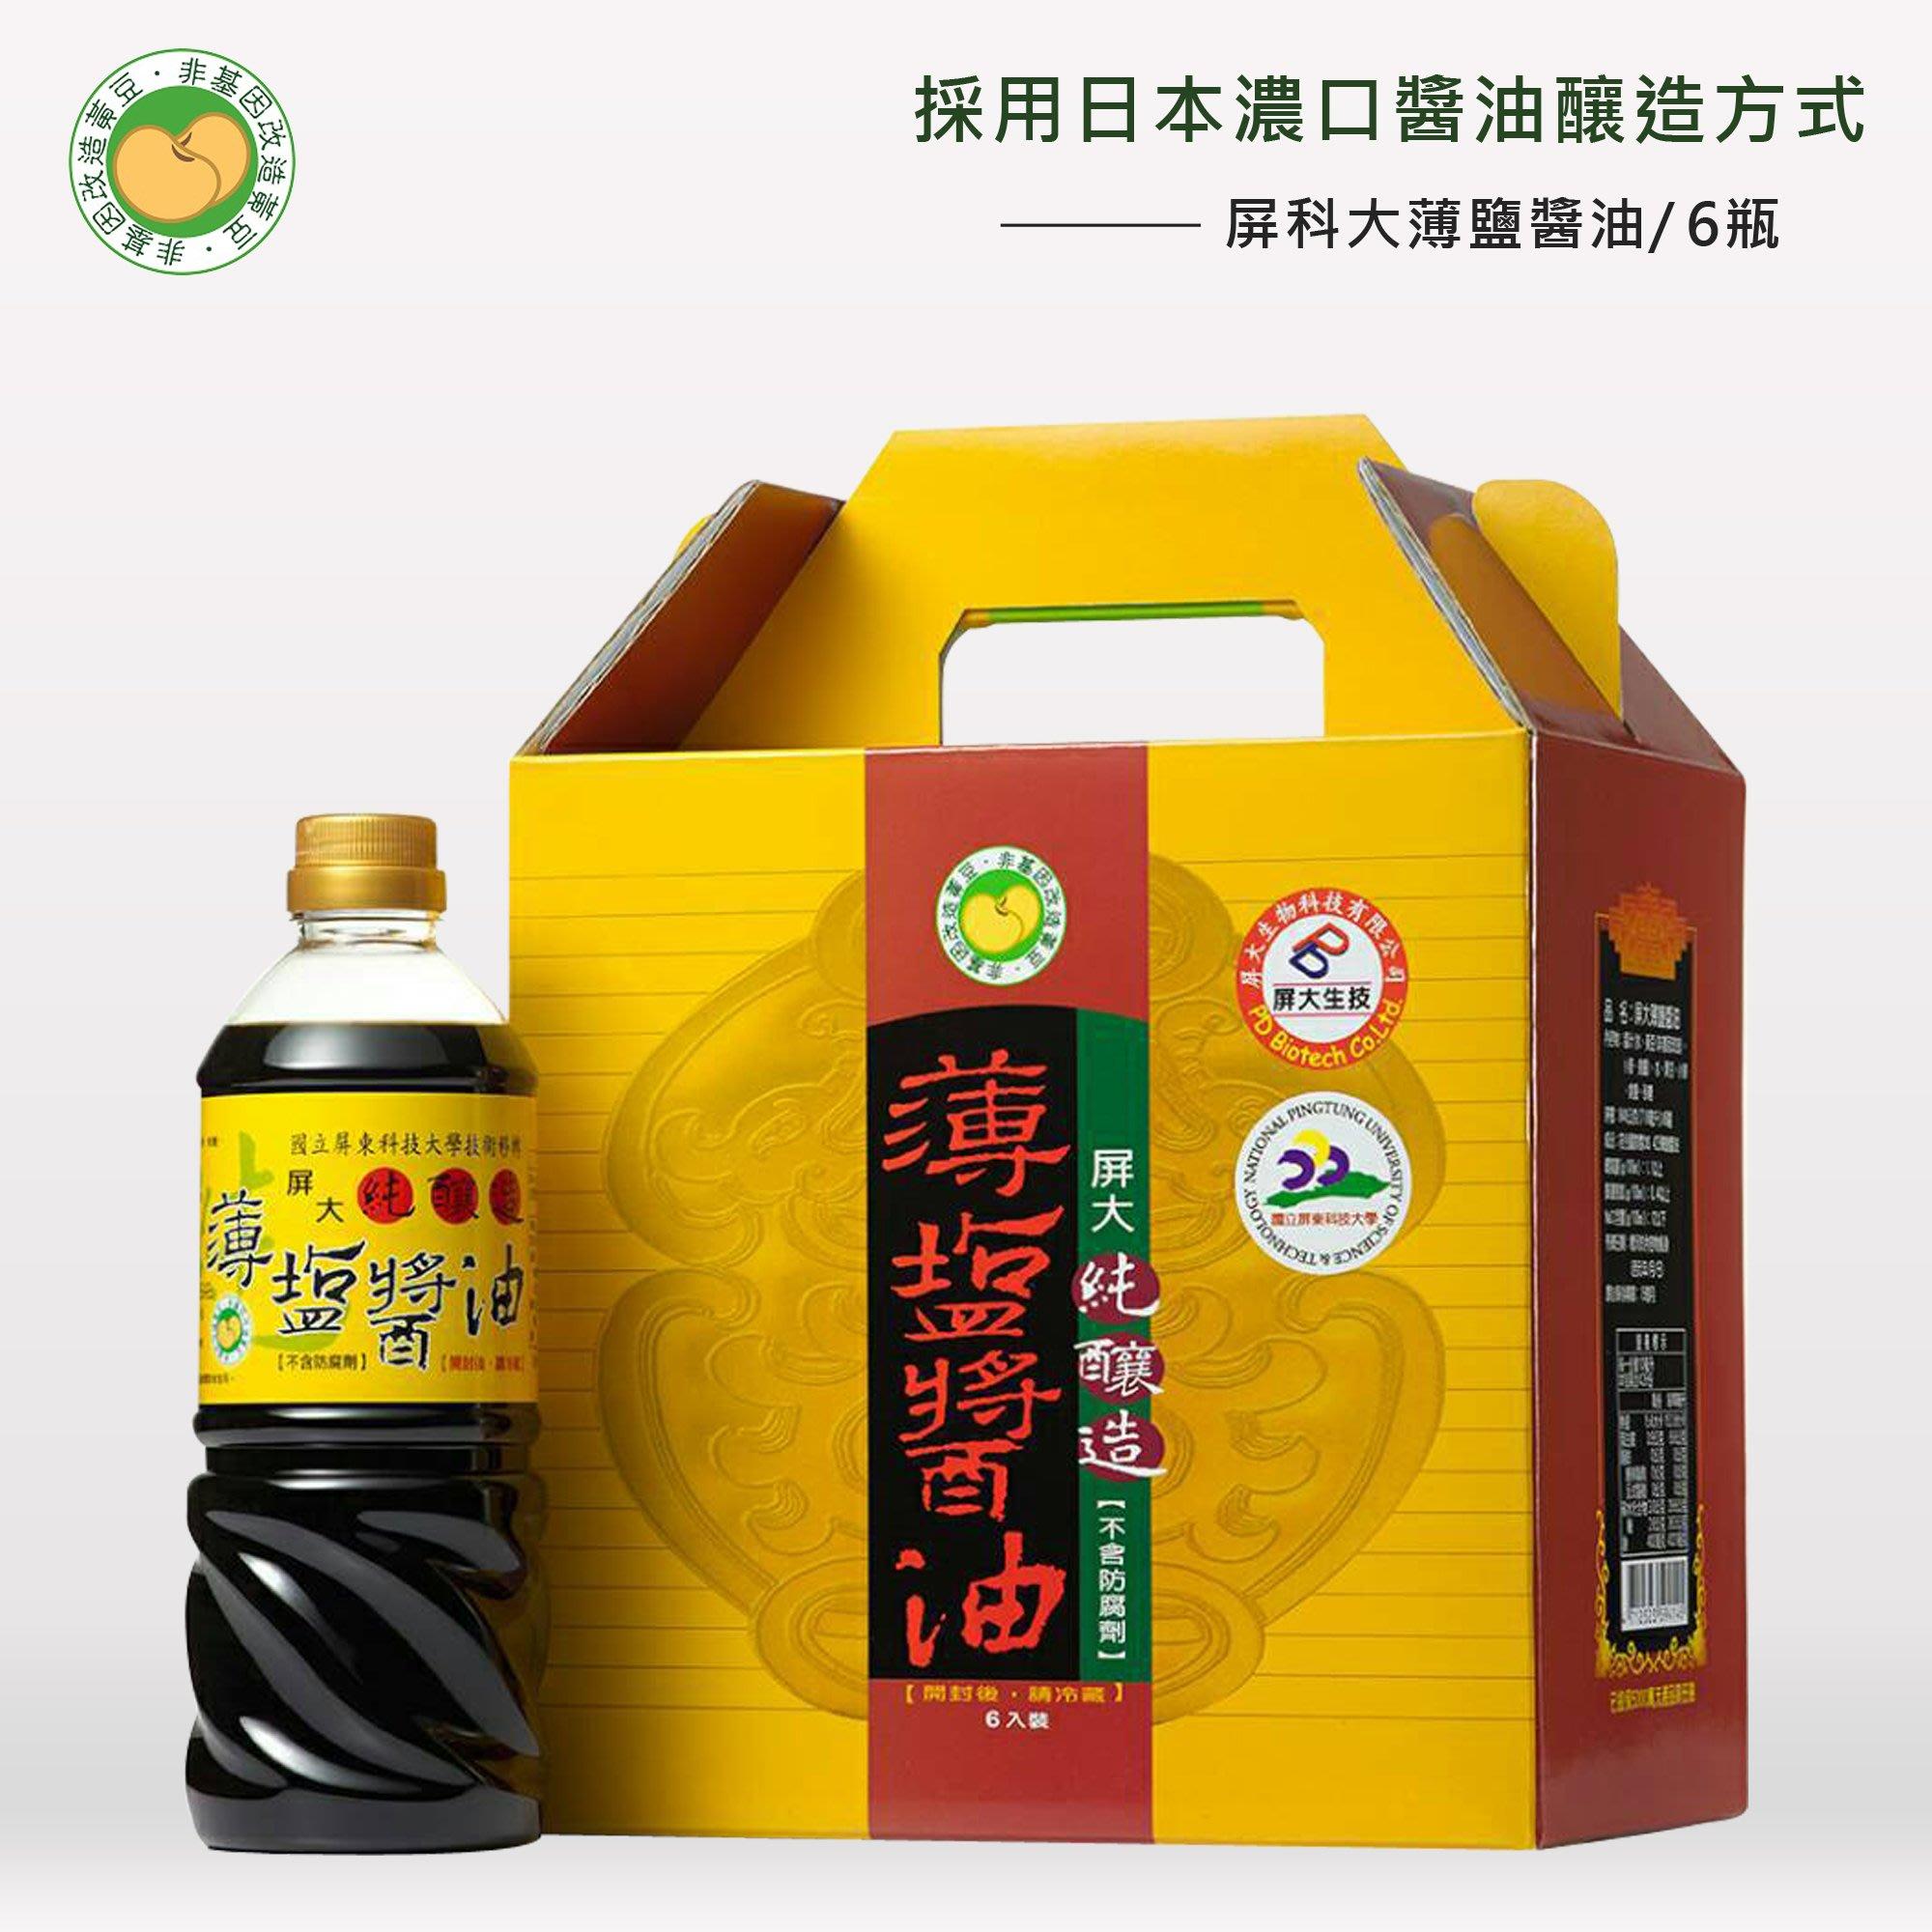 屏科大薄鹽醬油840g(710ml)*6瓶組 【免運】